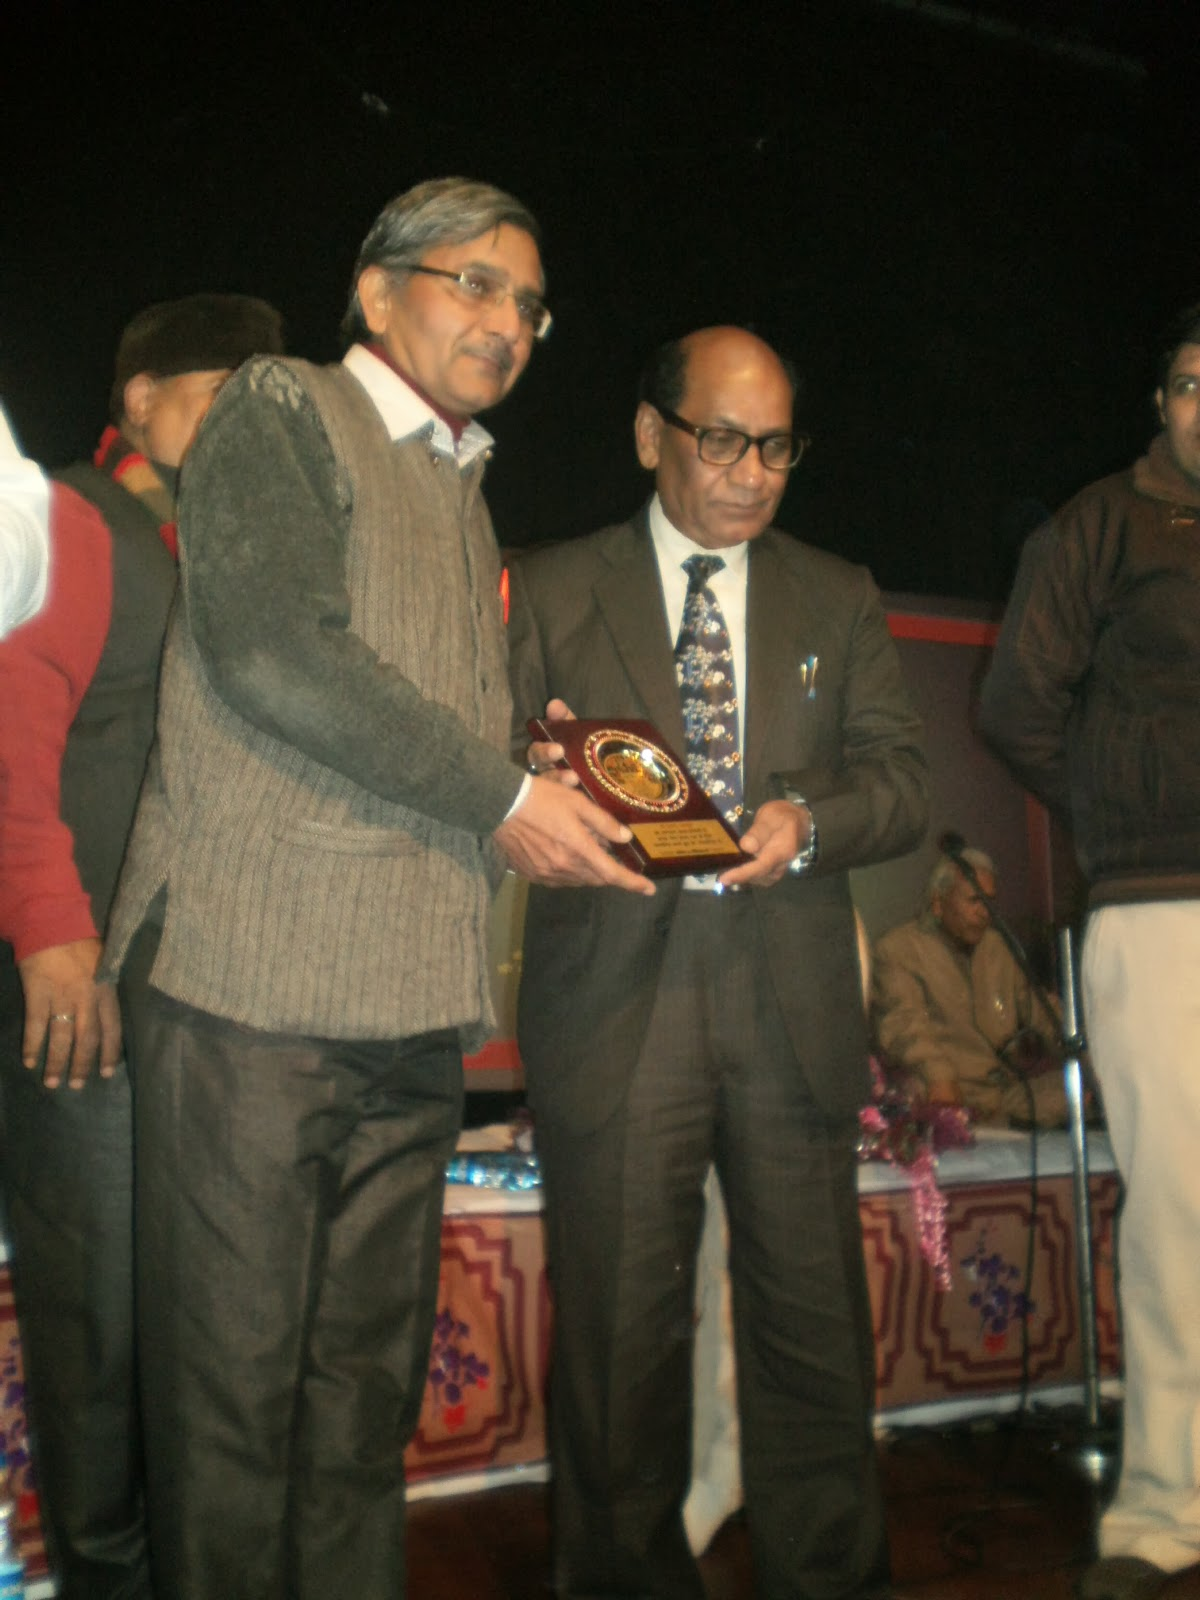 श्रेष्ठ काव्य-पाठ के लिए-वरिष्ठ साहित्यकार 'डा.कुँवर बेचैन' द्वारा सम्मानित